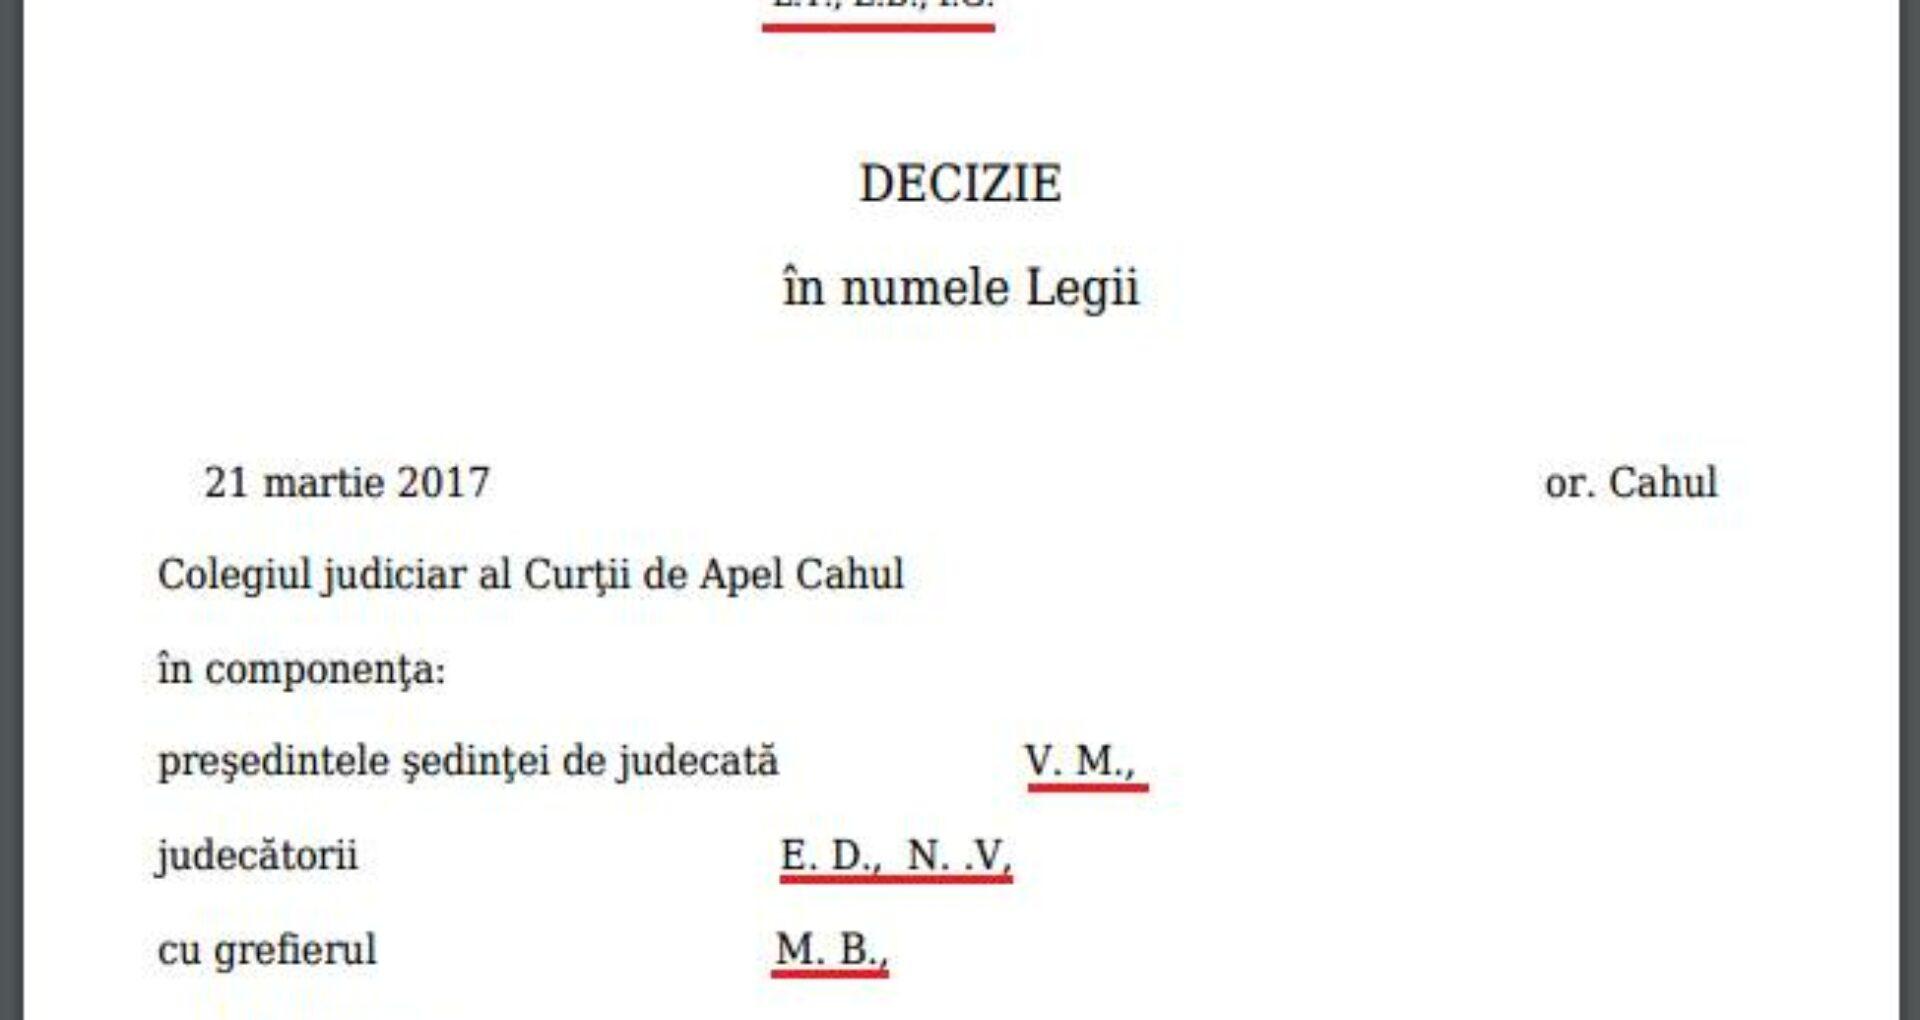 Studiu CNA: Judecătorii depersonalizează hotărârile în dosare de corupție fără niciun temei